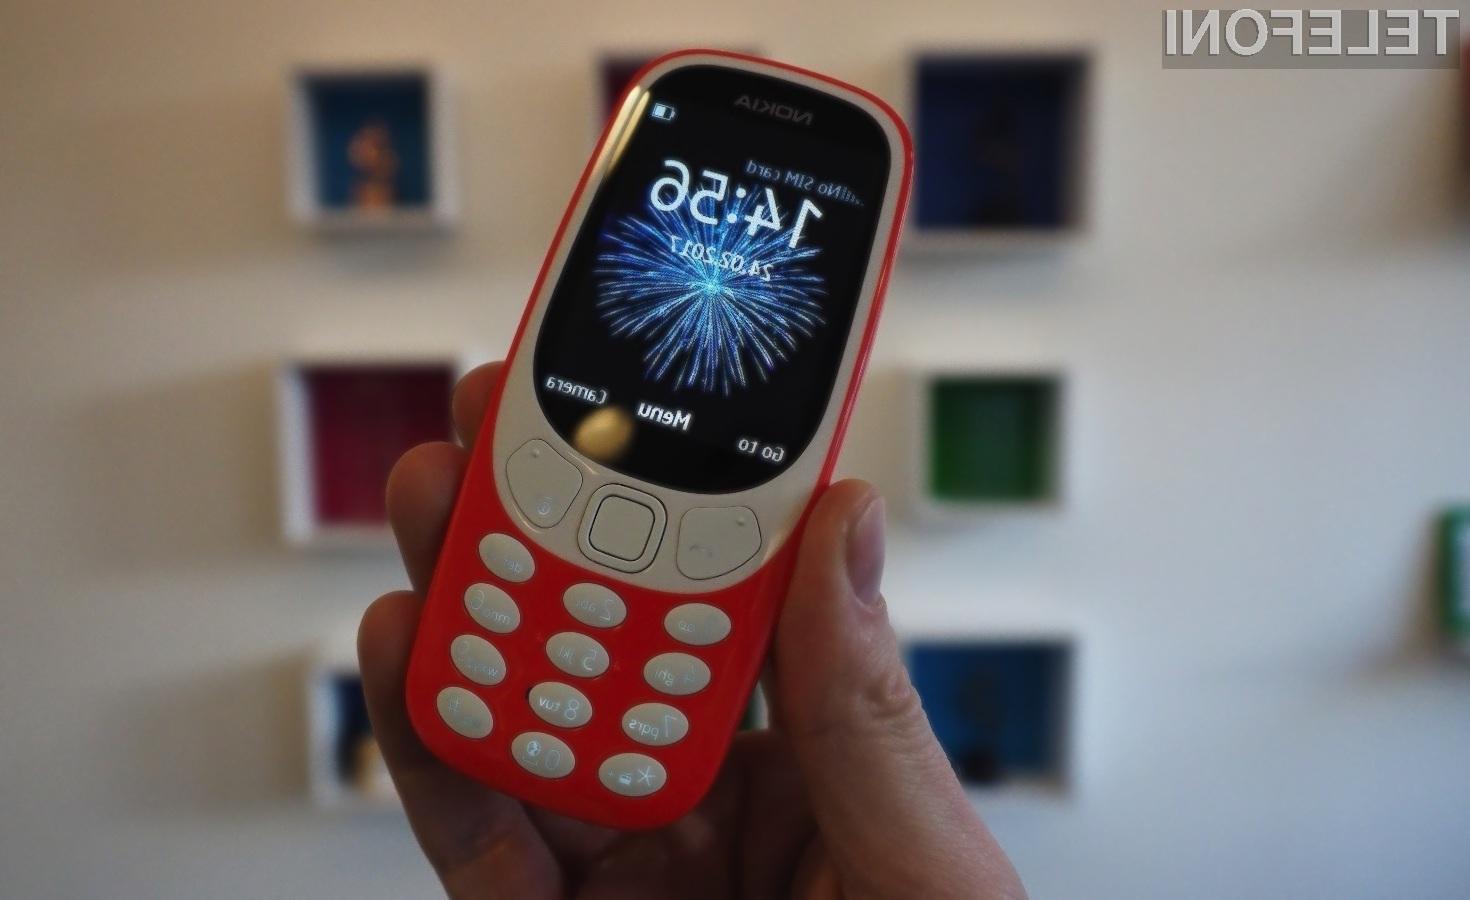 Od prenovljenega mobilnega telefona Nokia 3310 se pričakuje veliko, čeprav gre za napravo z omejenimi možnostmi.